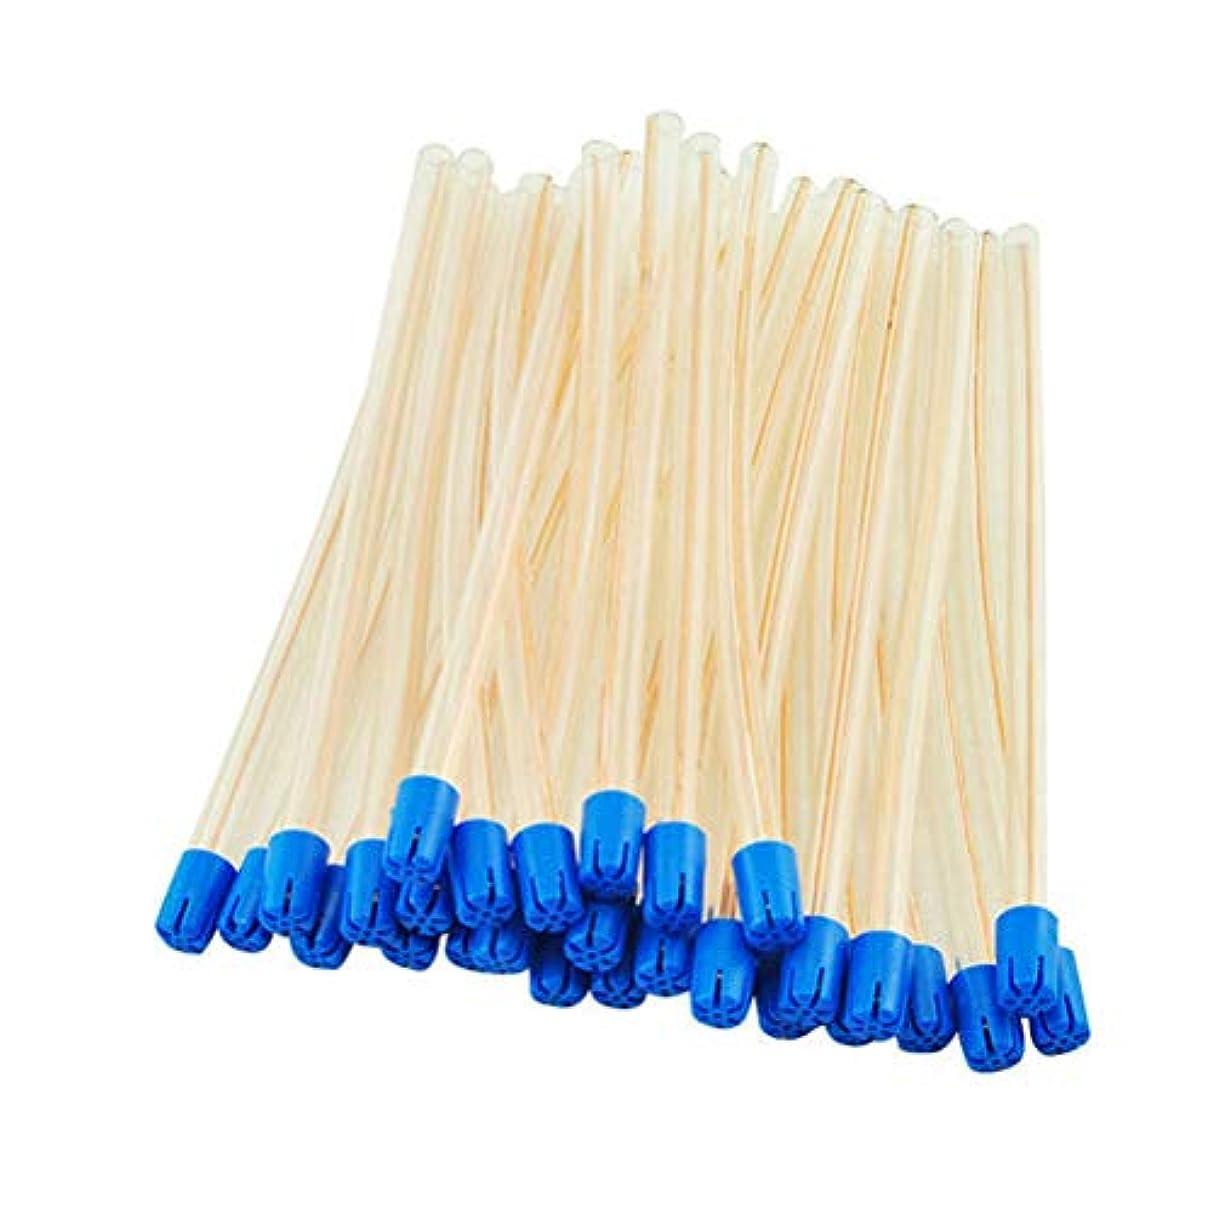 展示会応じる気質Healifty 100個 吸引カテーテル 使い捨て歯科手術用吸引チューブ唾液エジェクタチューブ用品